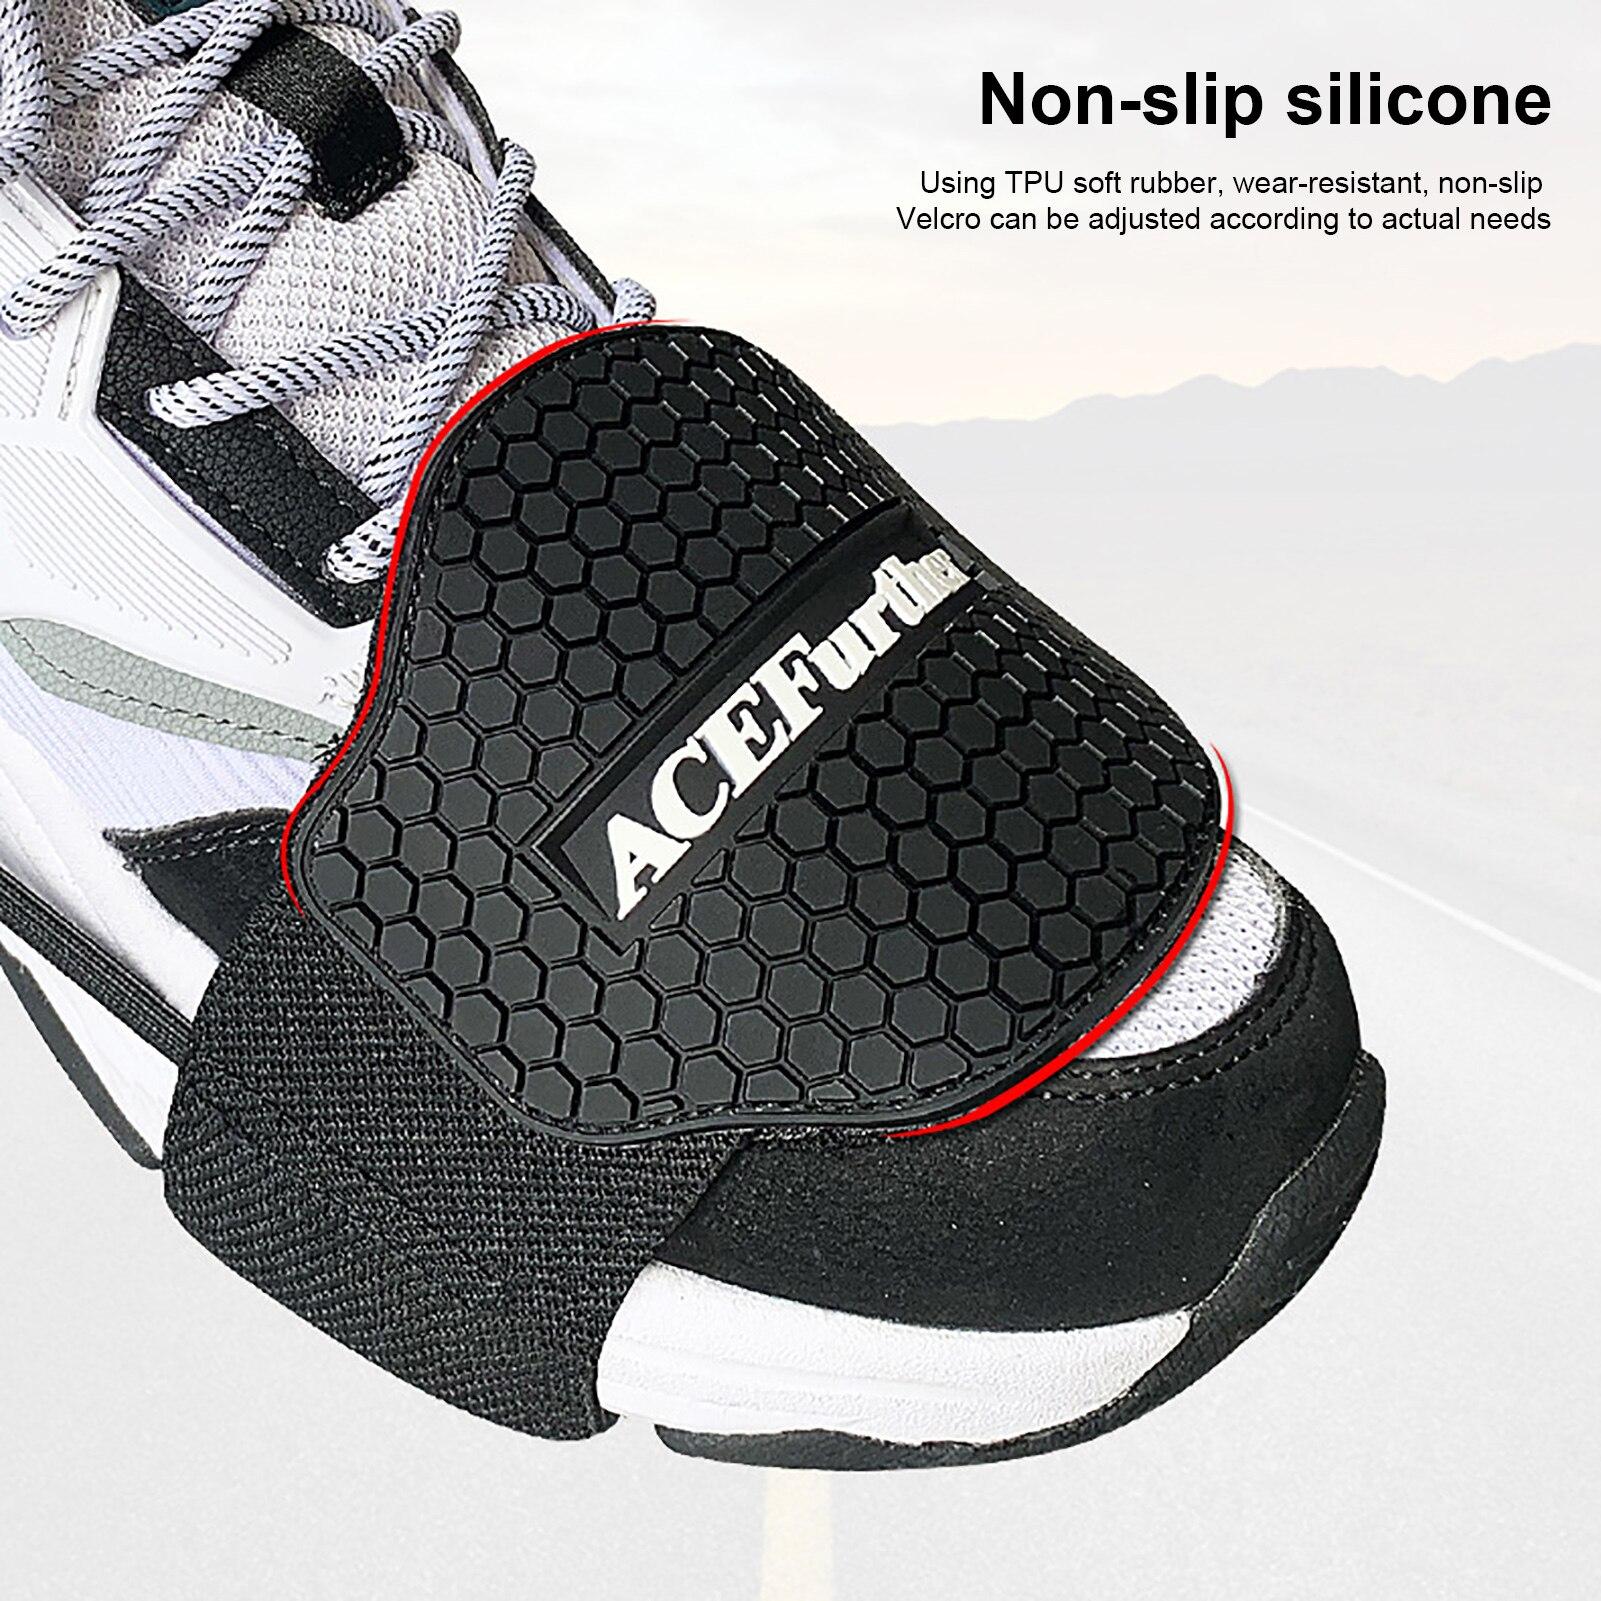 1 шт. Новая мотоциклетная обувь, защитный, для езды на мотоцикле Шестерни переключения мужские туфли Сапоги протектор переключения, носки по...